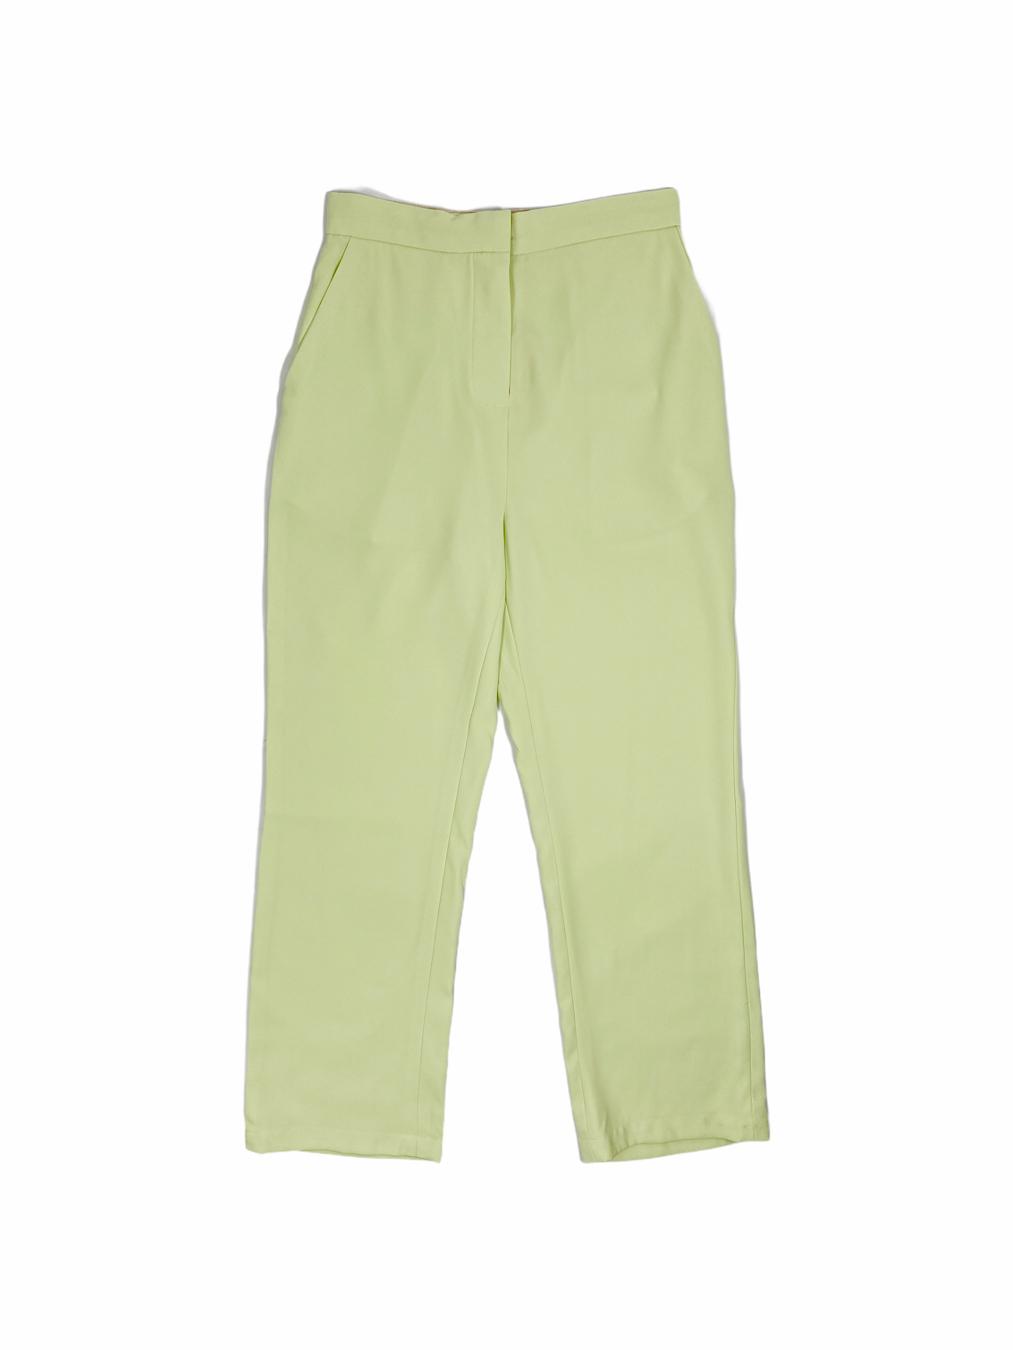 Sydney Pants (Mint)